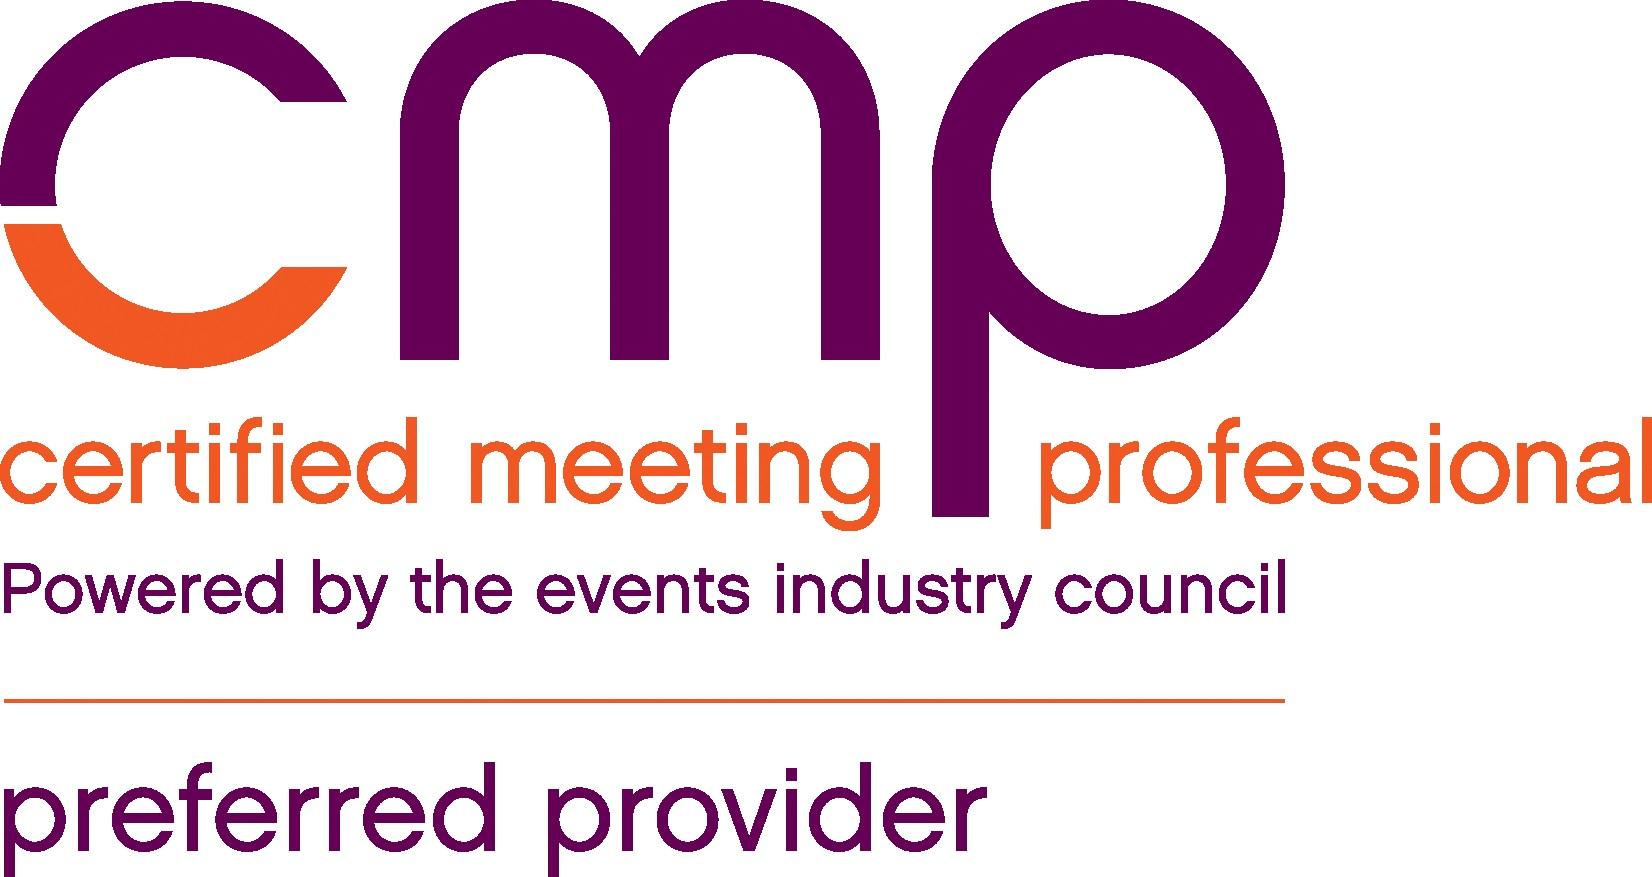 New CMP PP logo